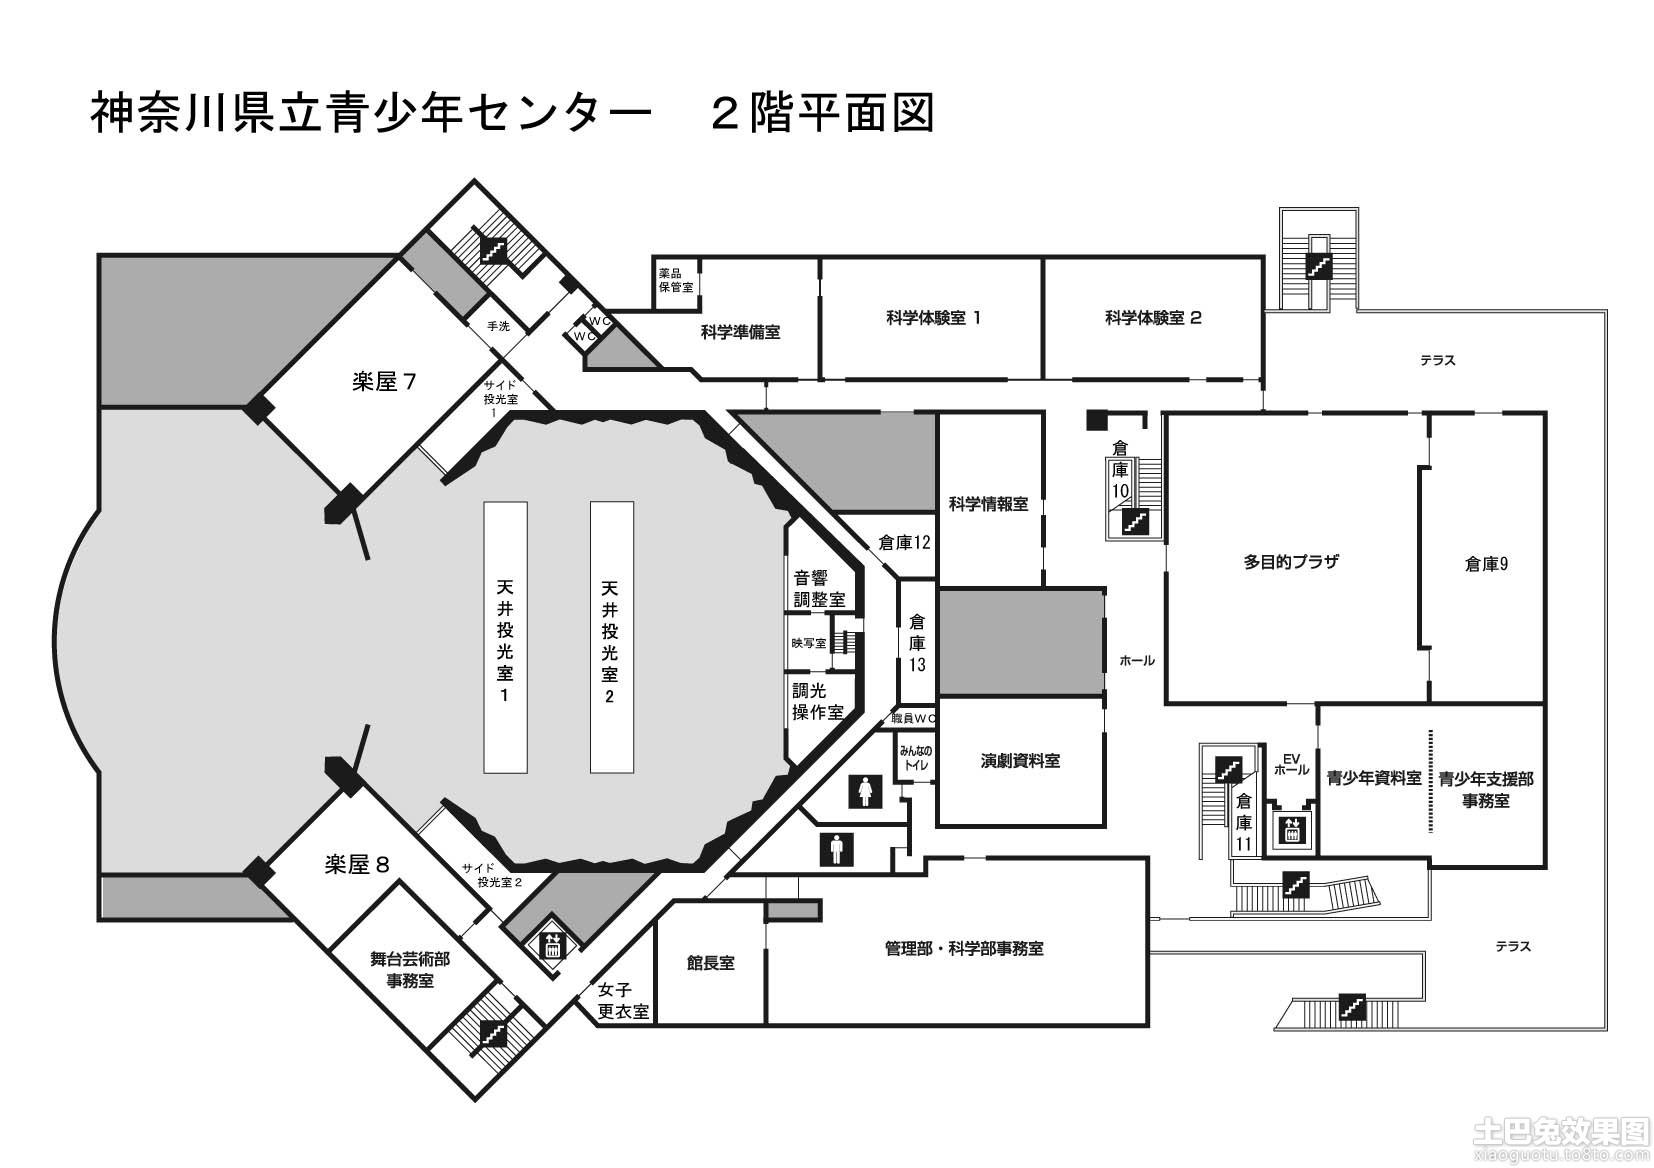 日本学校建筑平面图 (4/13)